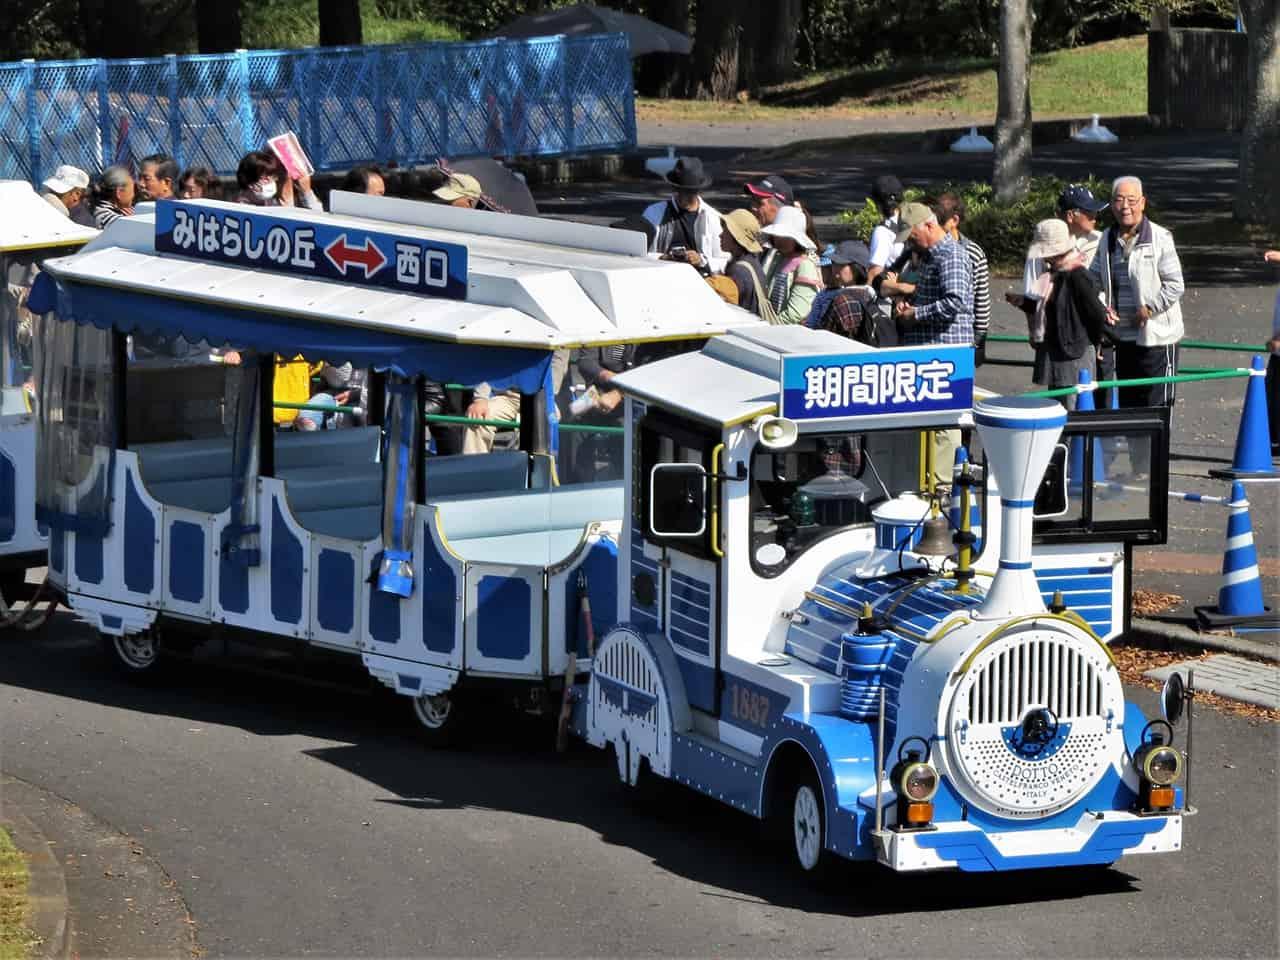 รถไฟนำเที่ยวในสวน Hitachi Seaside Park ใช้เวลาประมาณ 50 นาทีต่อรอบ